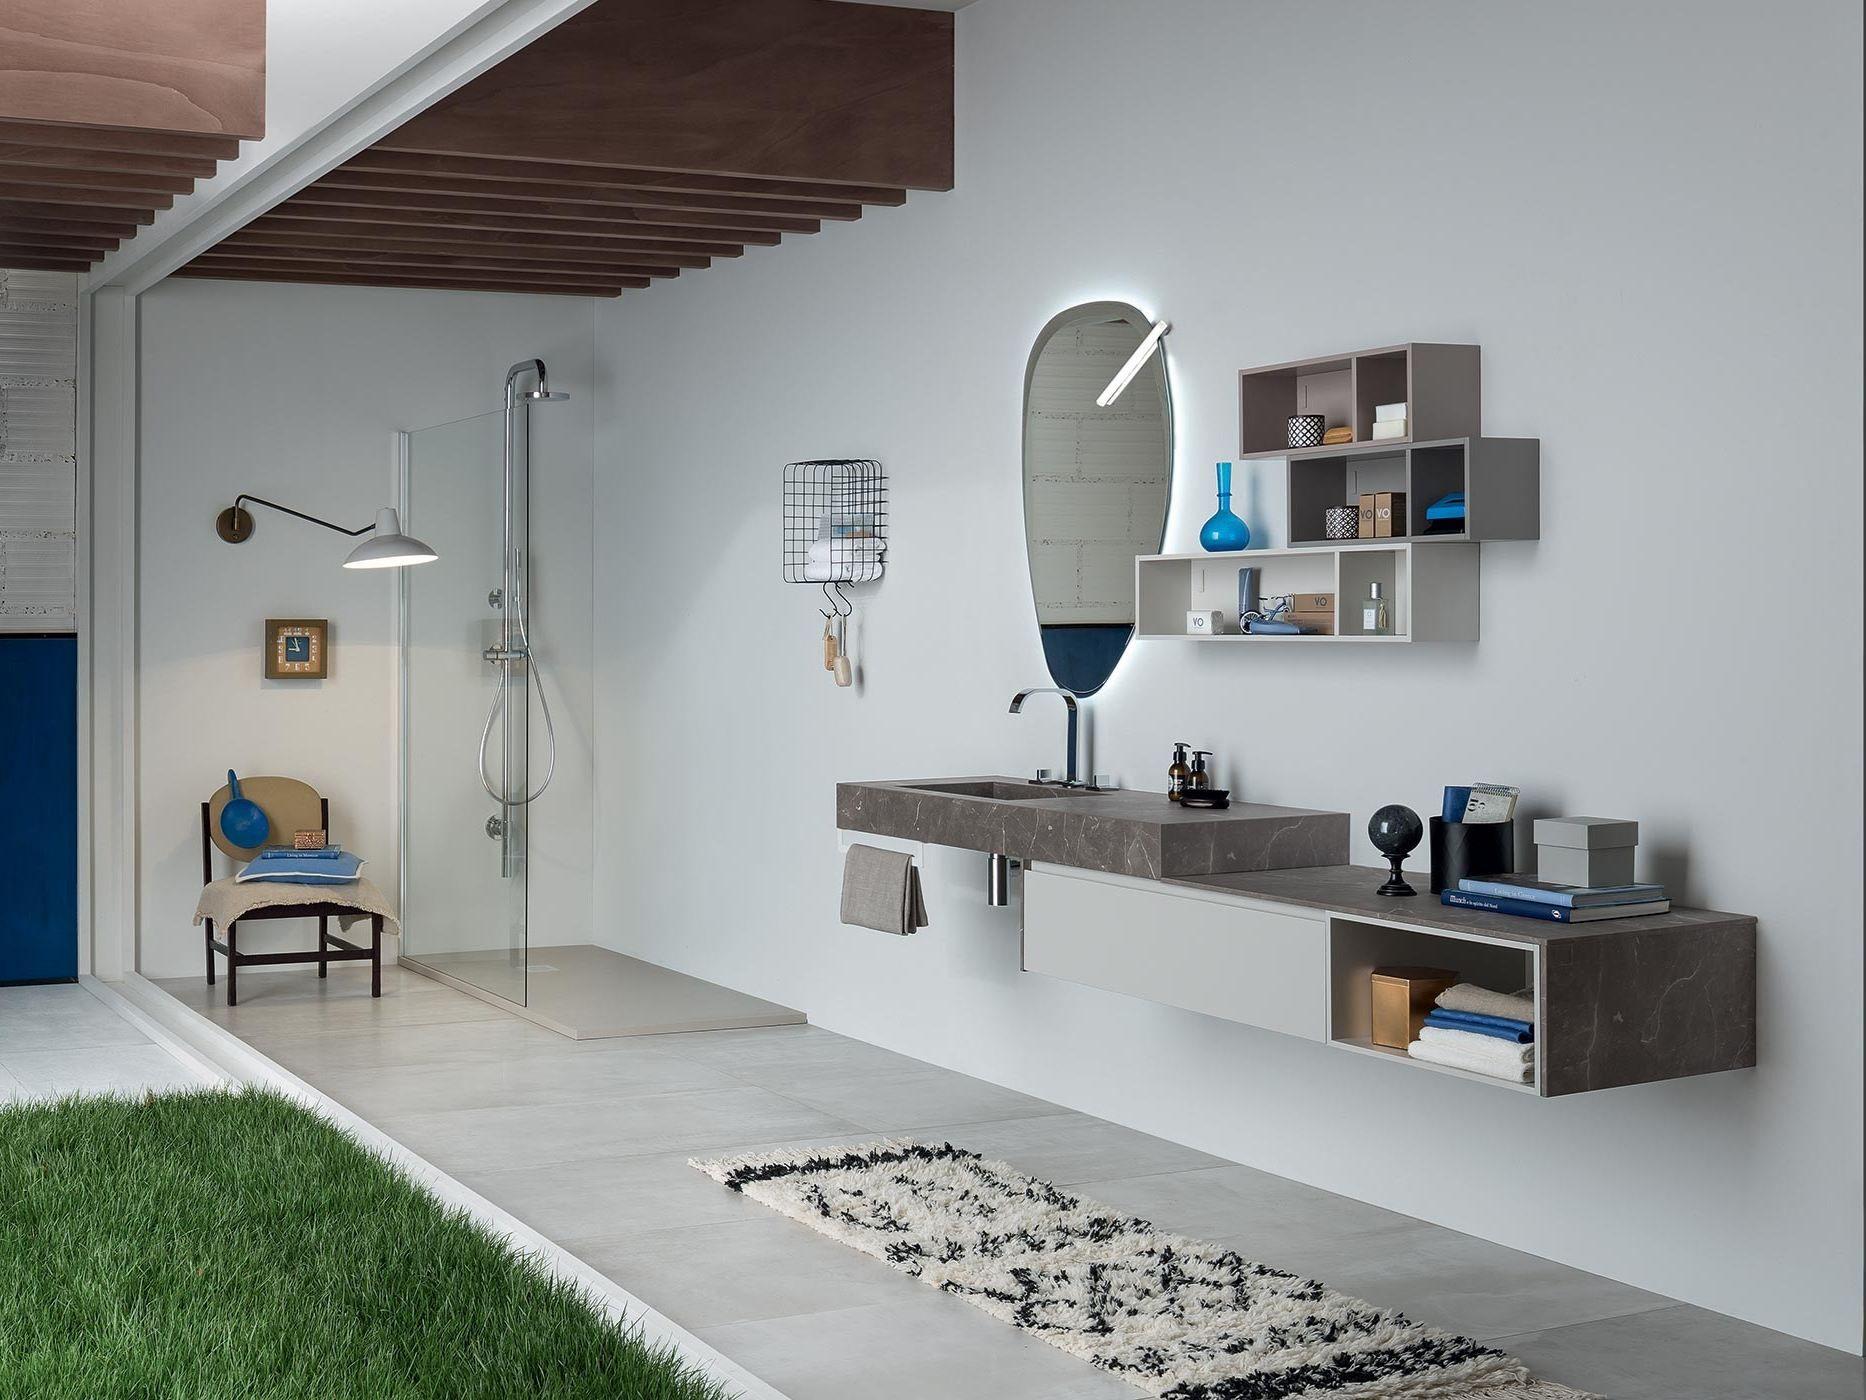 Mobile bagno in stile moderno 89 - 3.0 Collection by RAB Arredobagno design Ufficio tecnico RAB ...